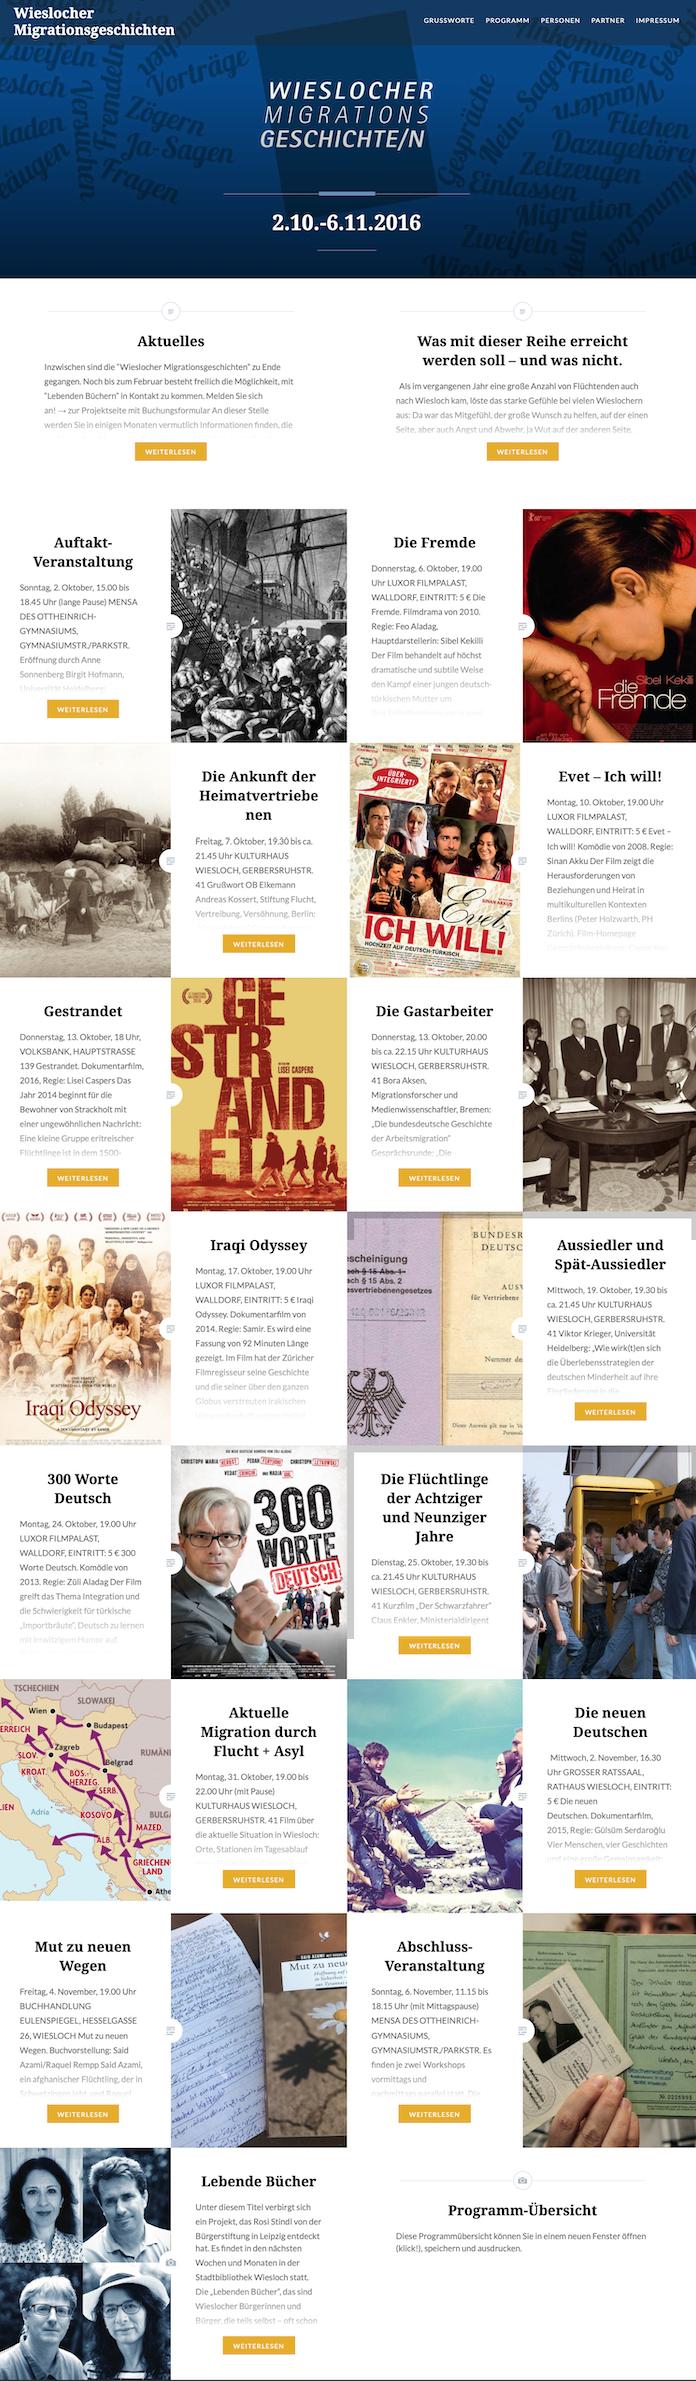 Startseite Homepage Wieslocher Migrationsgeschichten